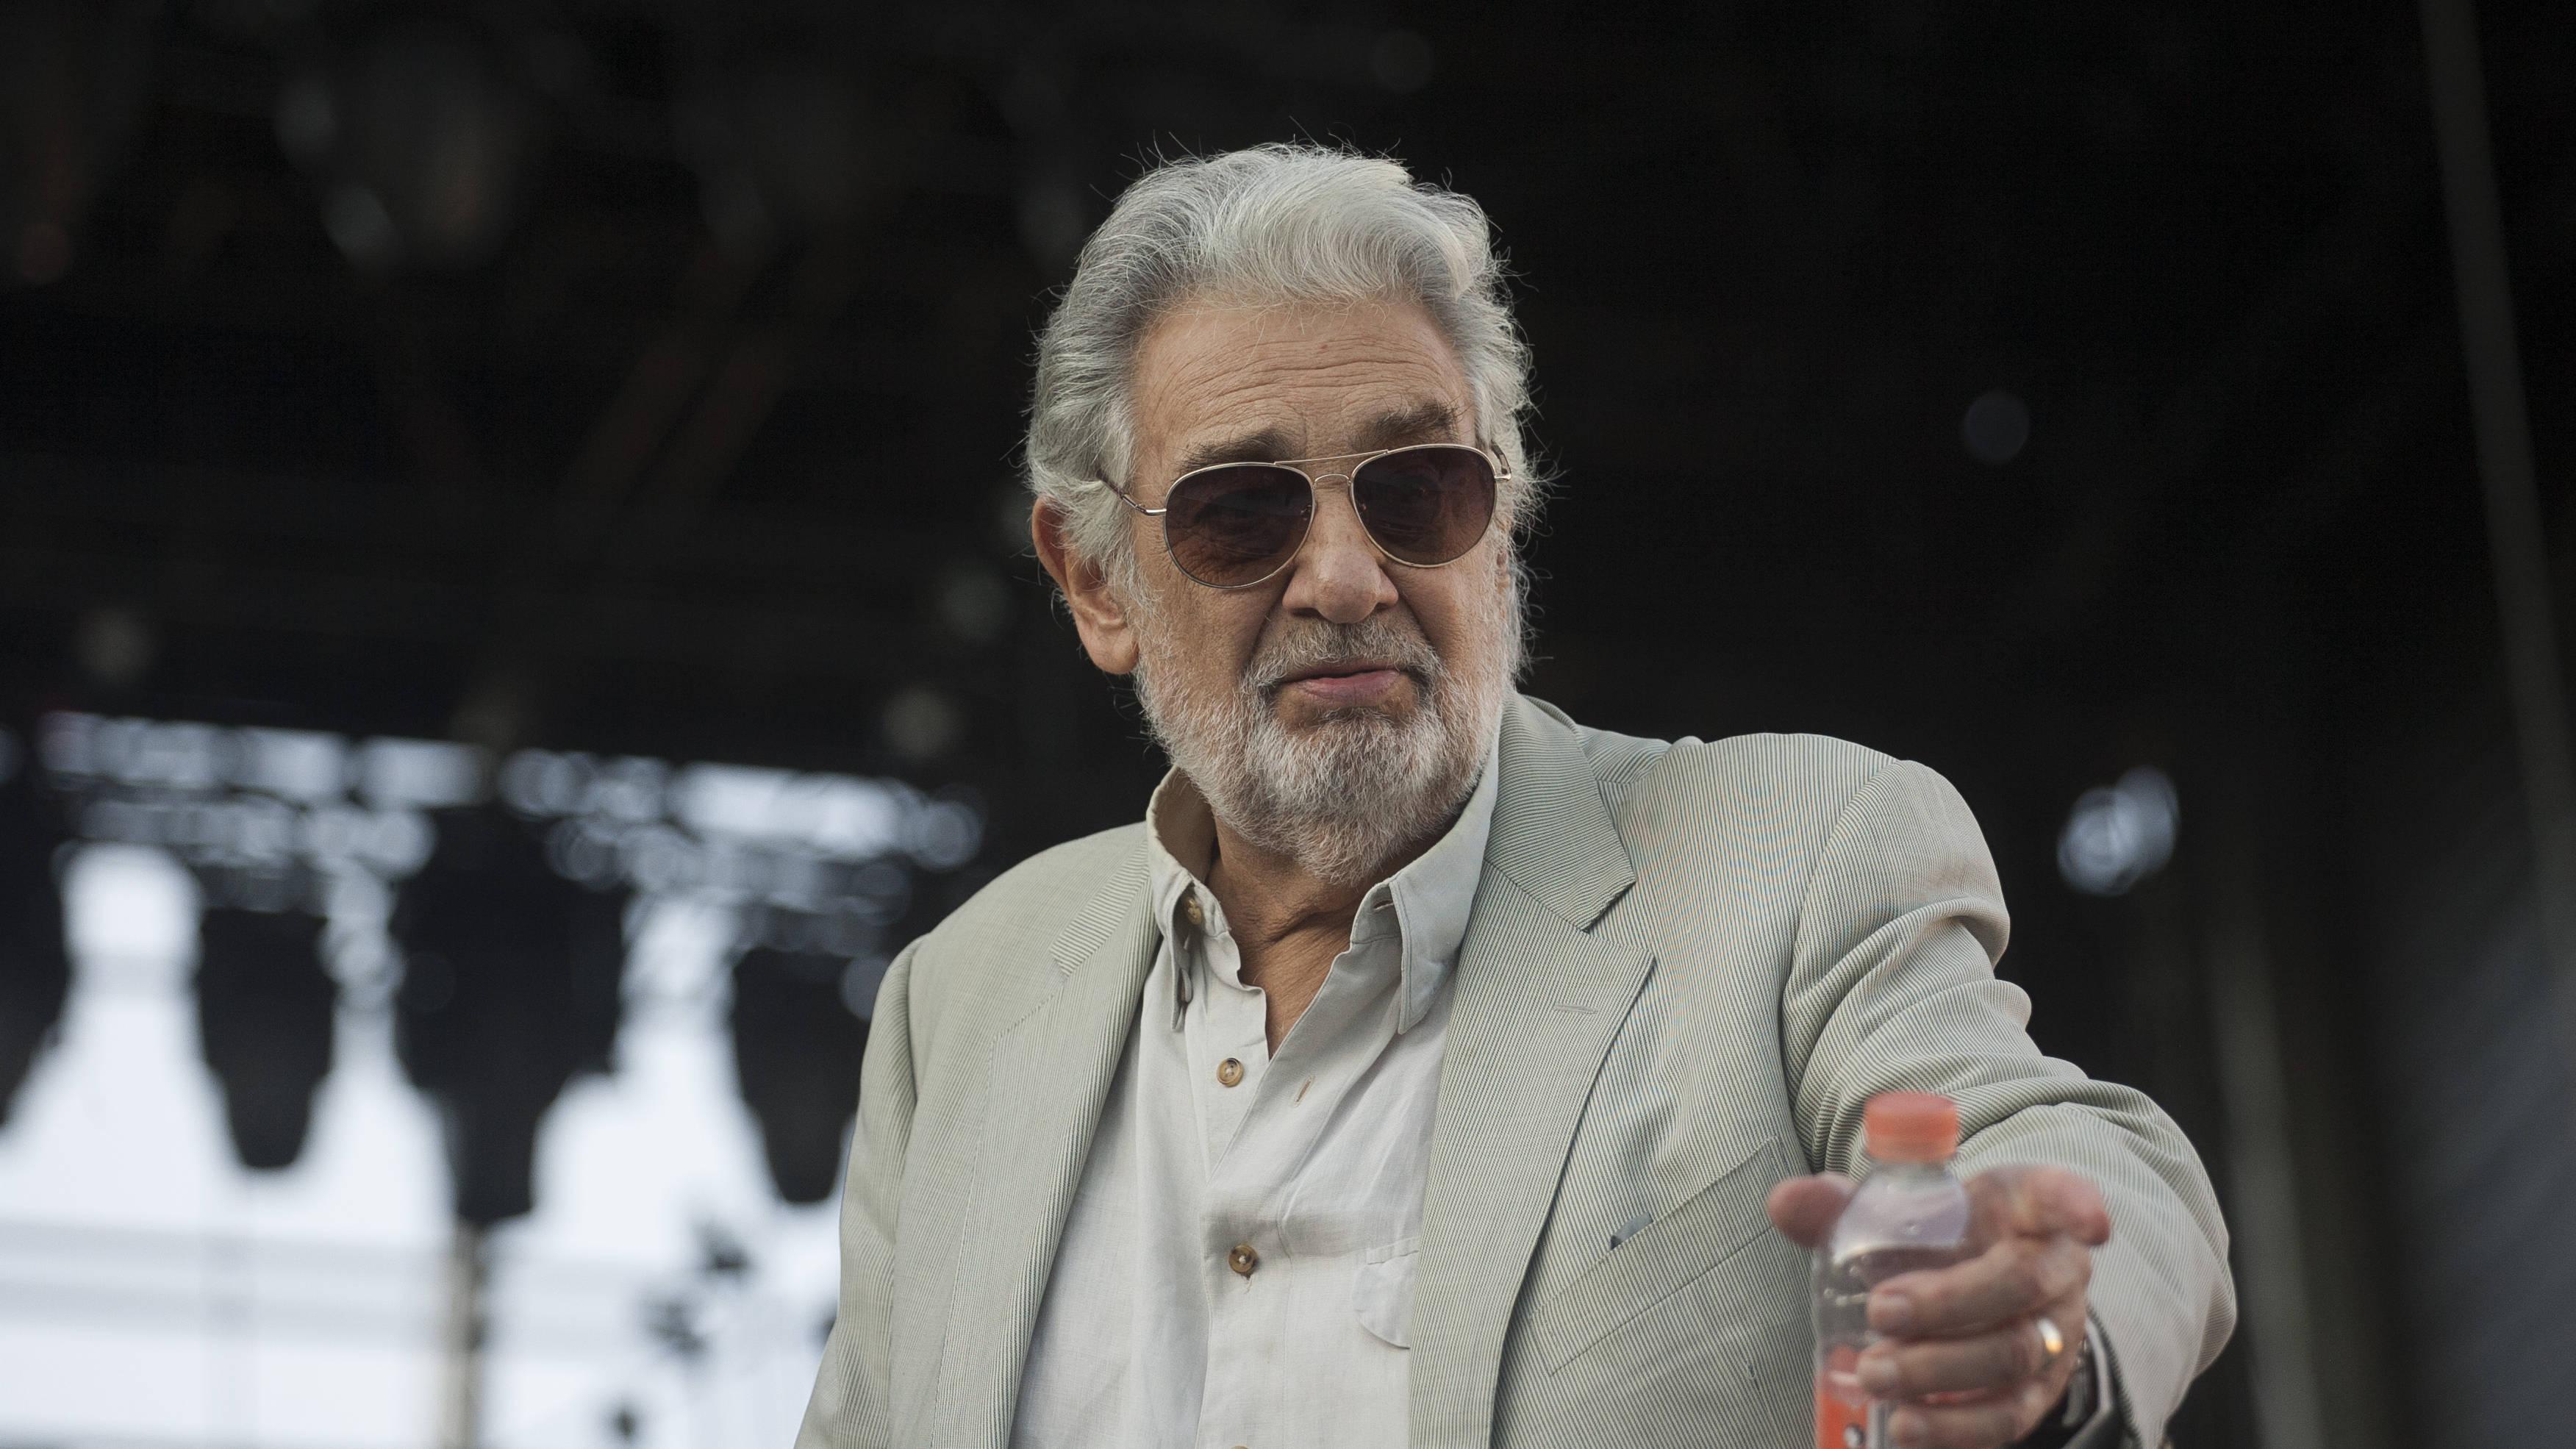 Plácido Domingo: LA Opera names the lawyer who will lead the investigation